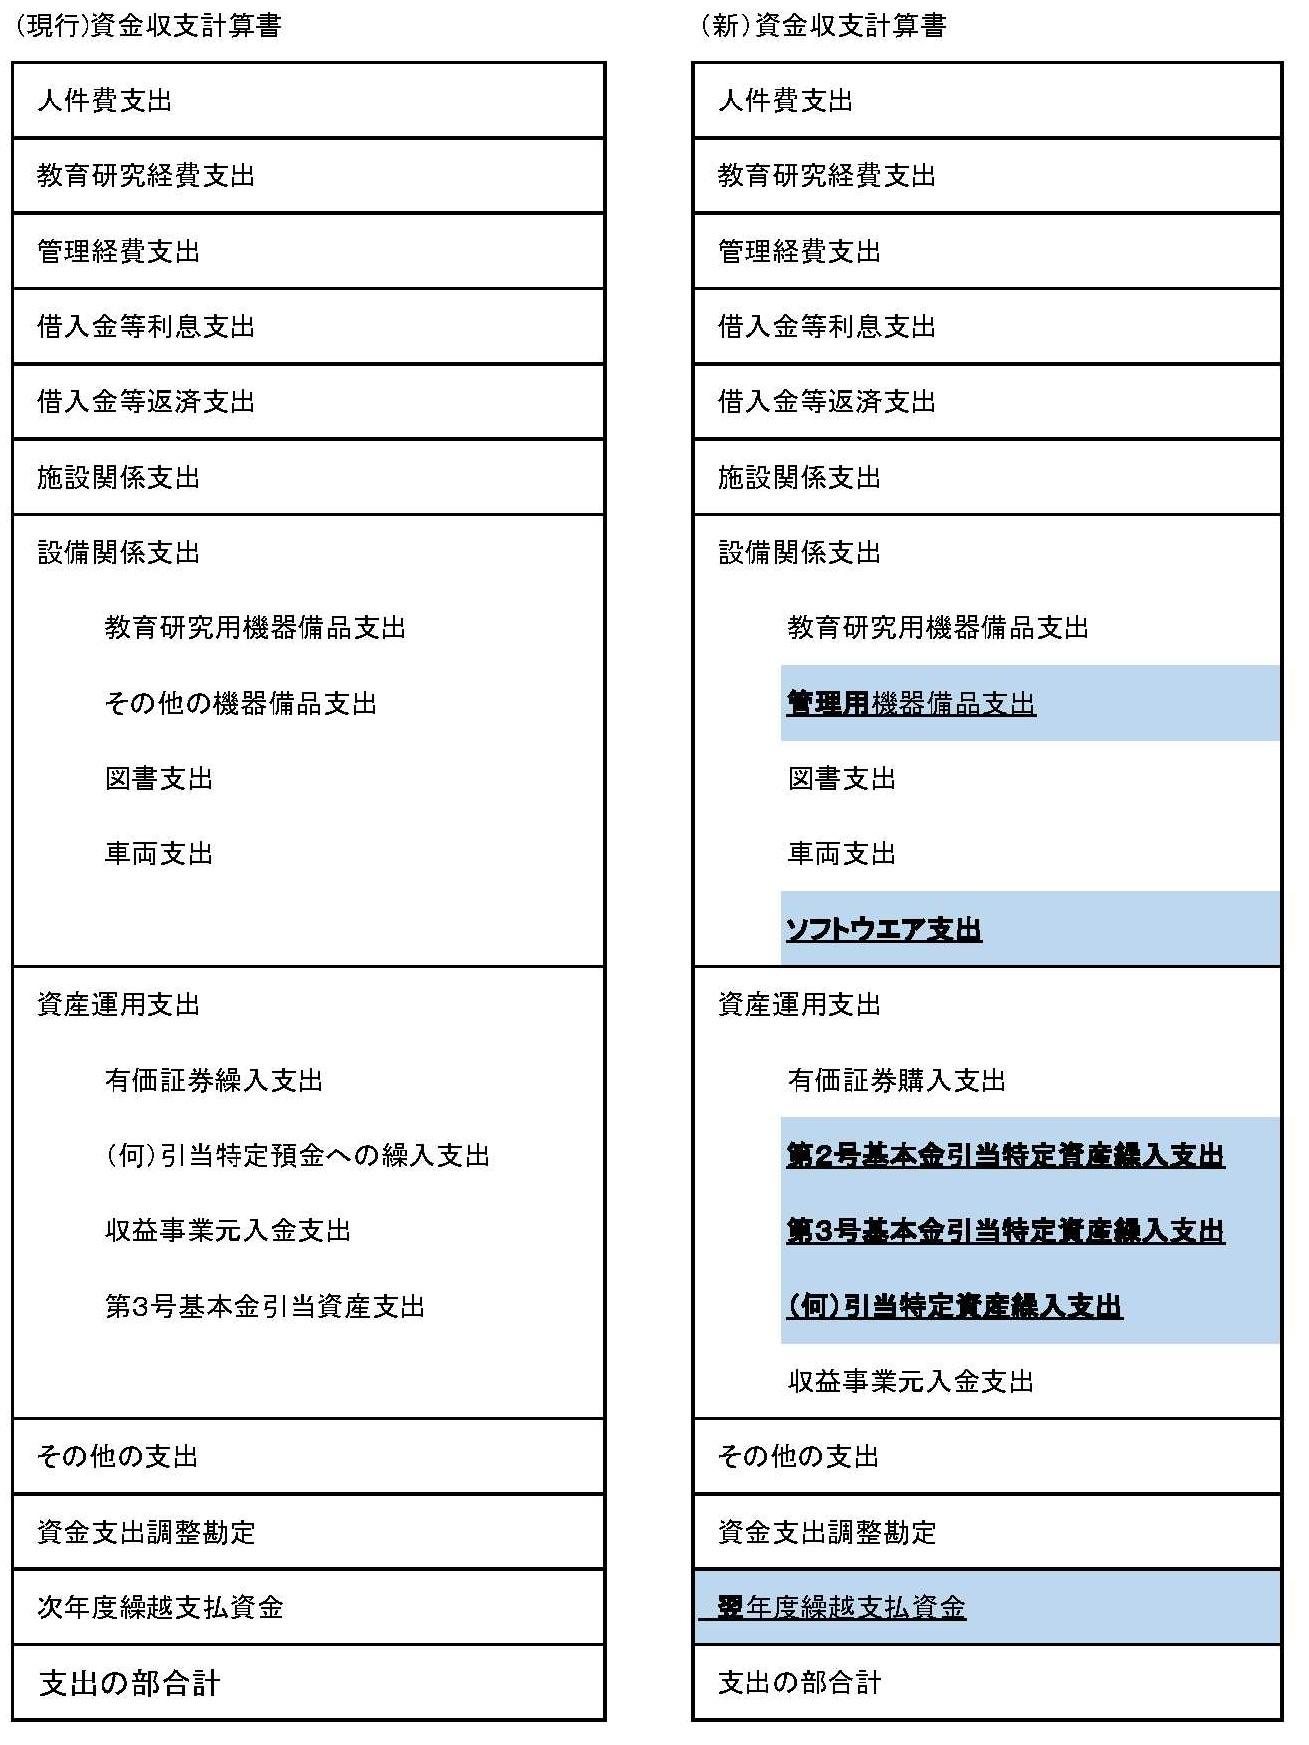 資金収支計算書の新旧対比②27-1